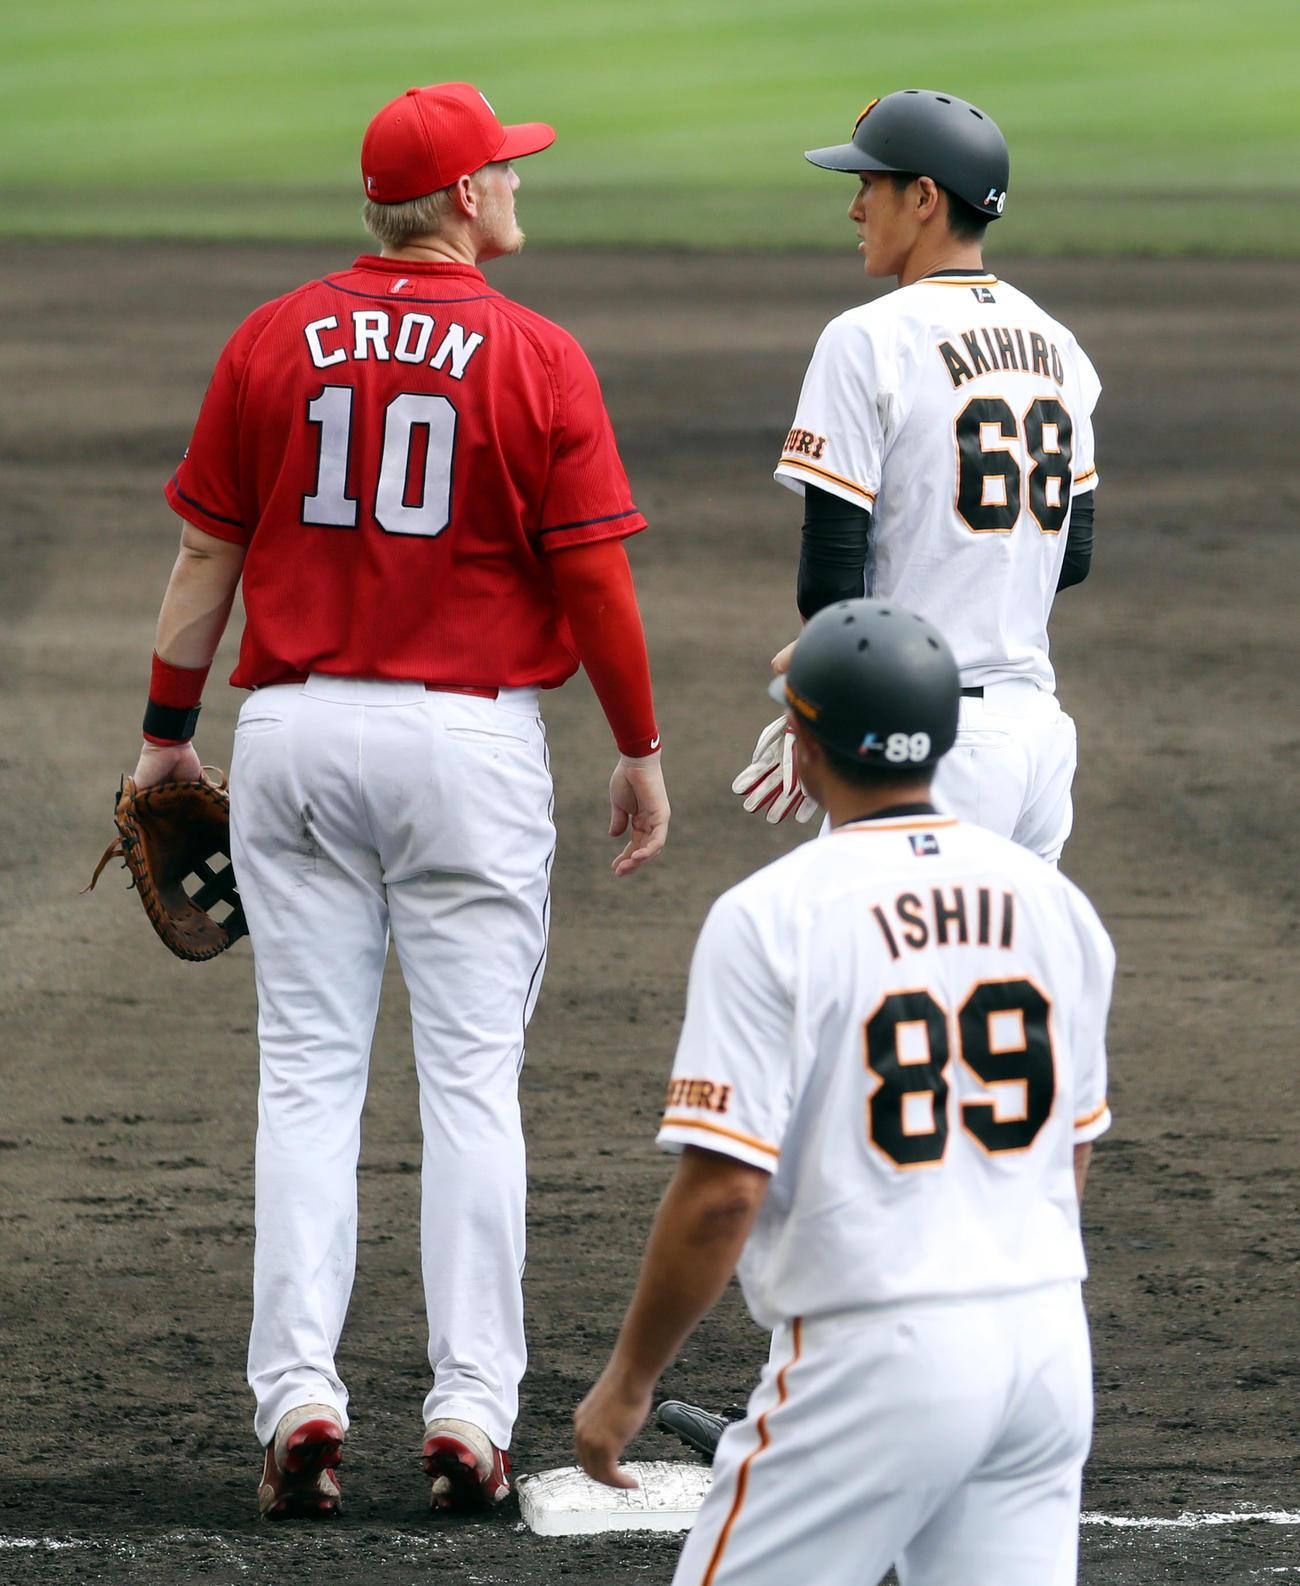 巨人対広島 4回裏巨人無死、左前打を放った202センチの秋広(右)に背伸びして張り合う195センチのクロン(撮影・狩俣裕三)